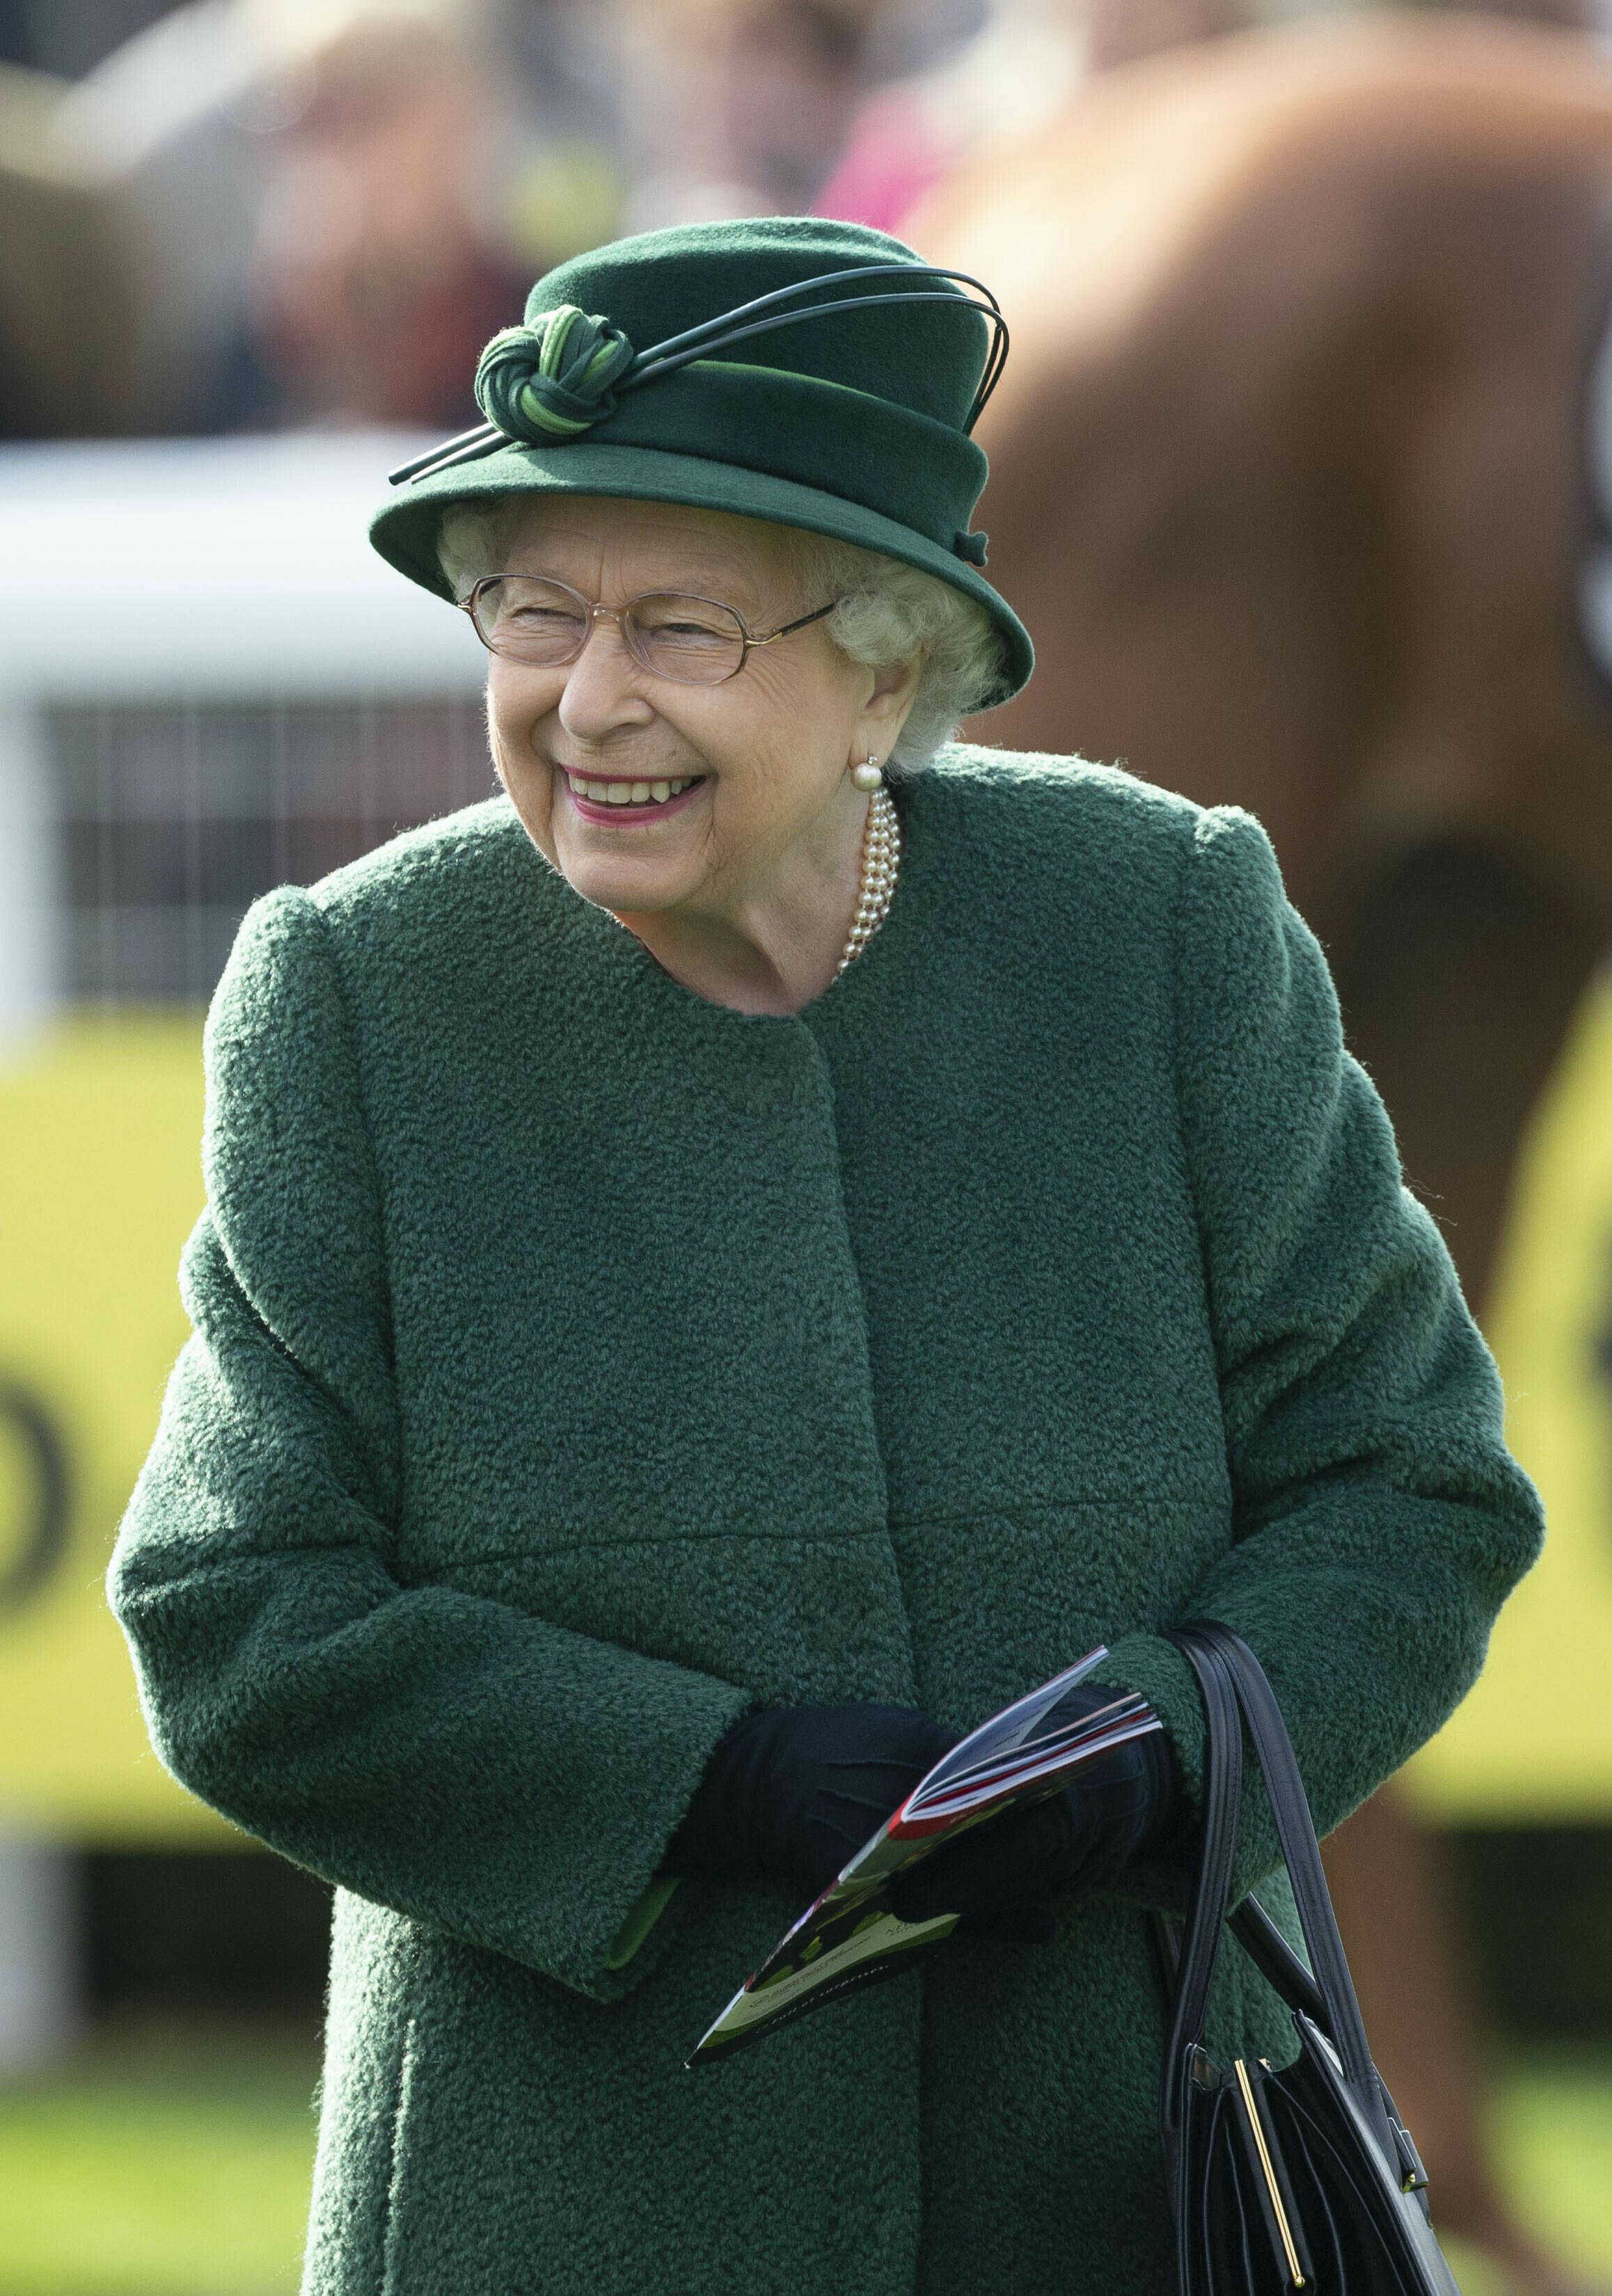 H βασίλισσα Ελισάβετ εκφράζει την θλίψη της για την καταστροφή του καθεδρικού